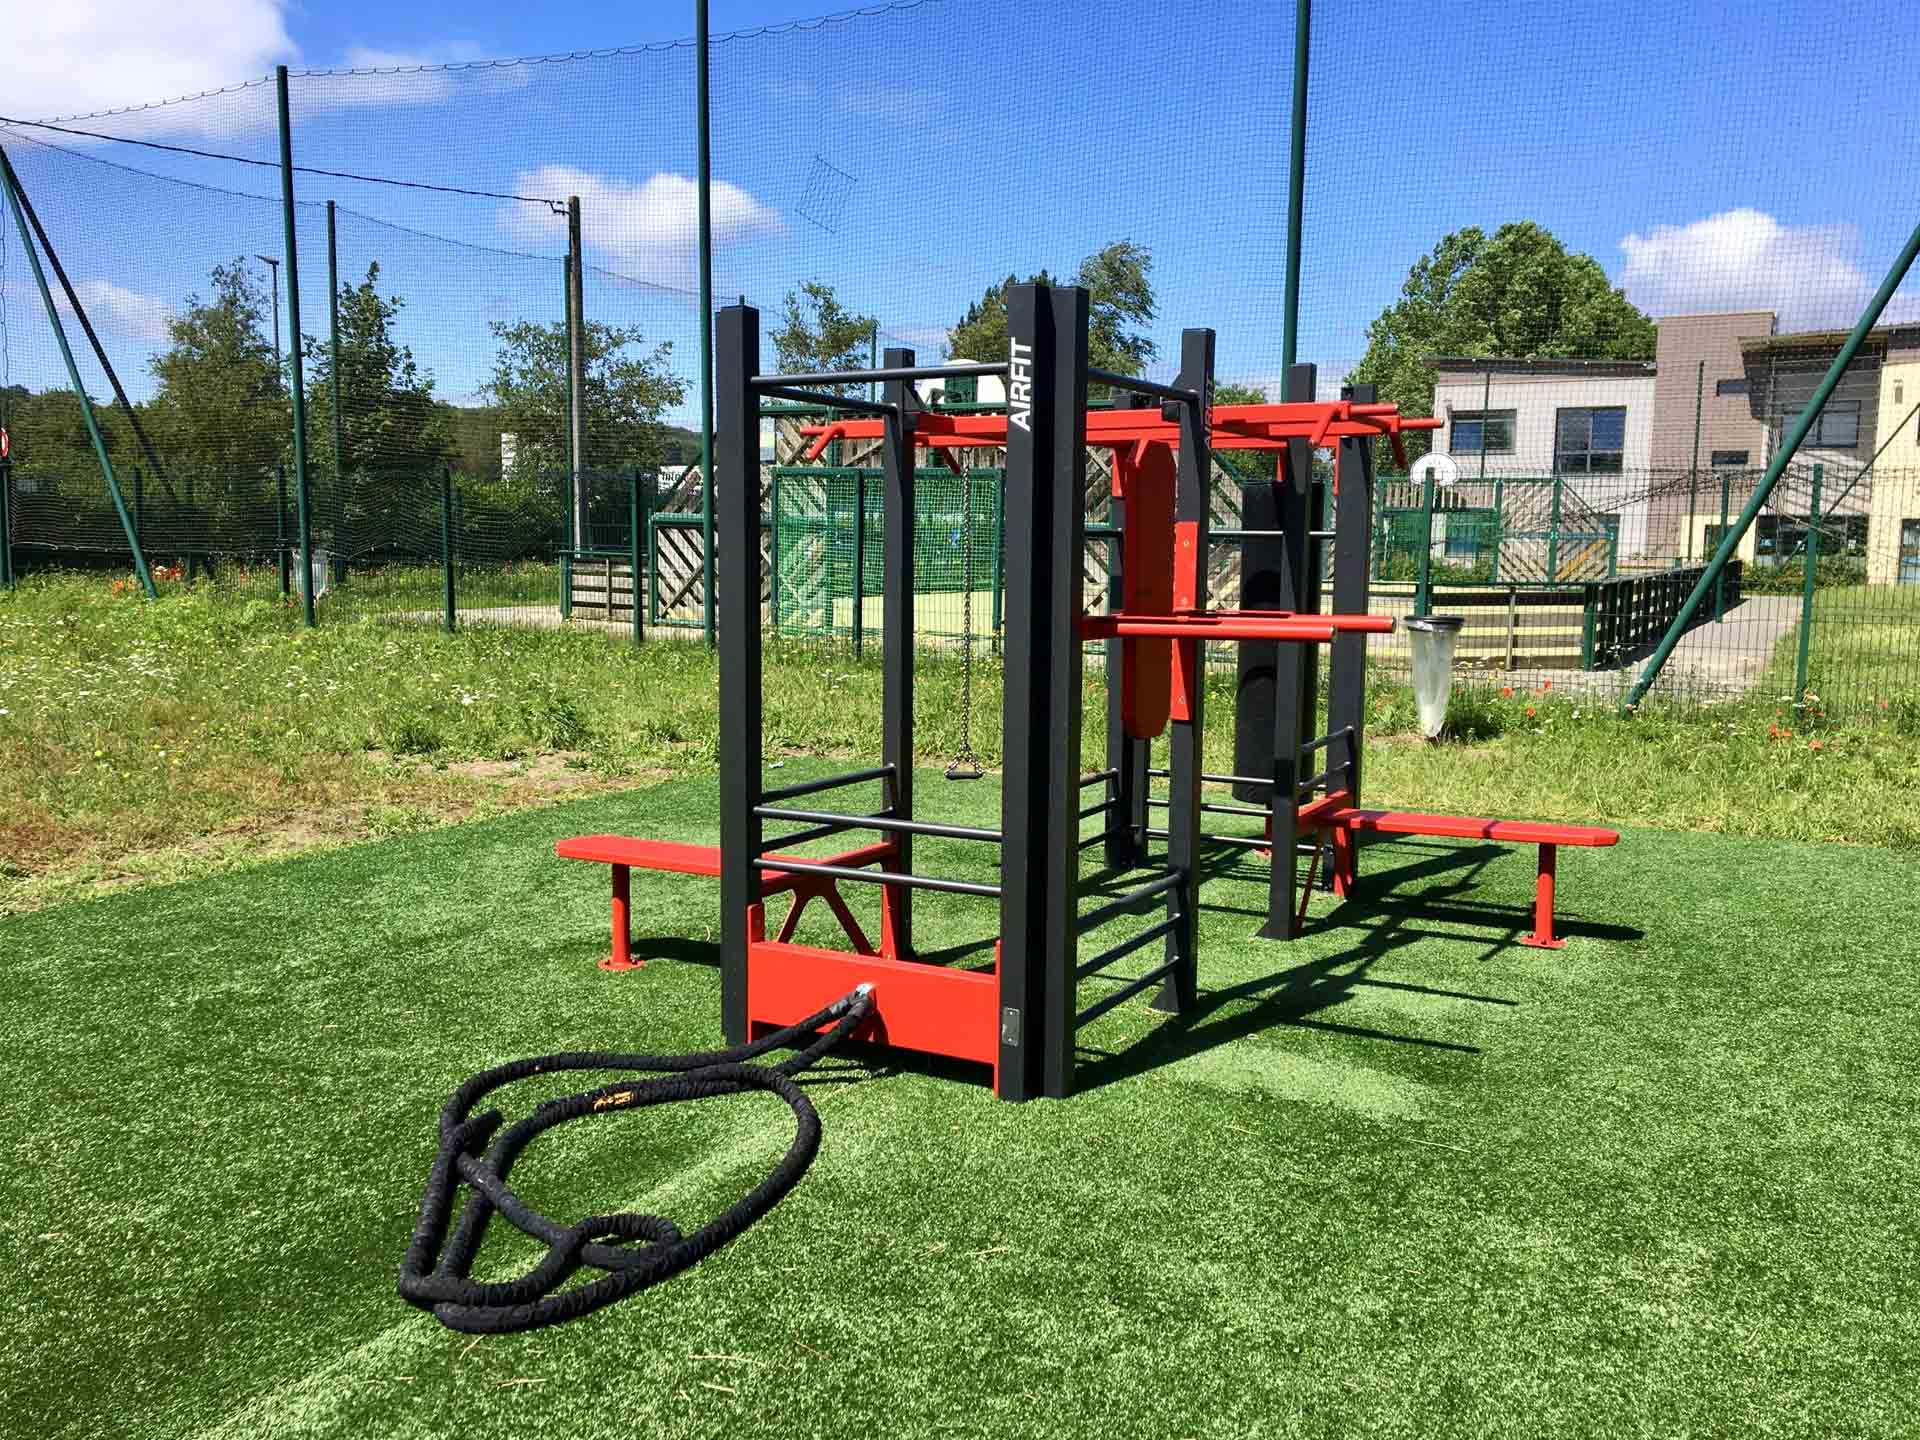 Photo de l'équipement sportif proche du City-Stade de Clermont de l'Oise